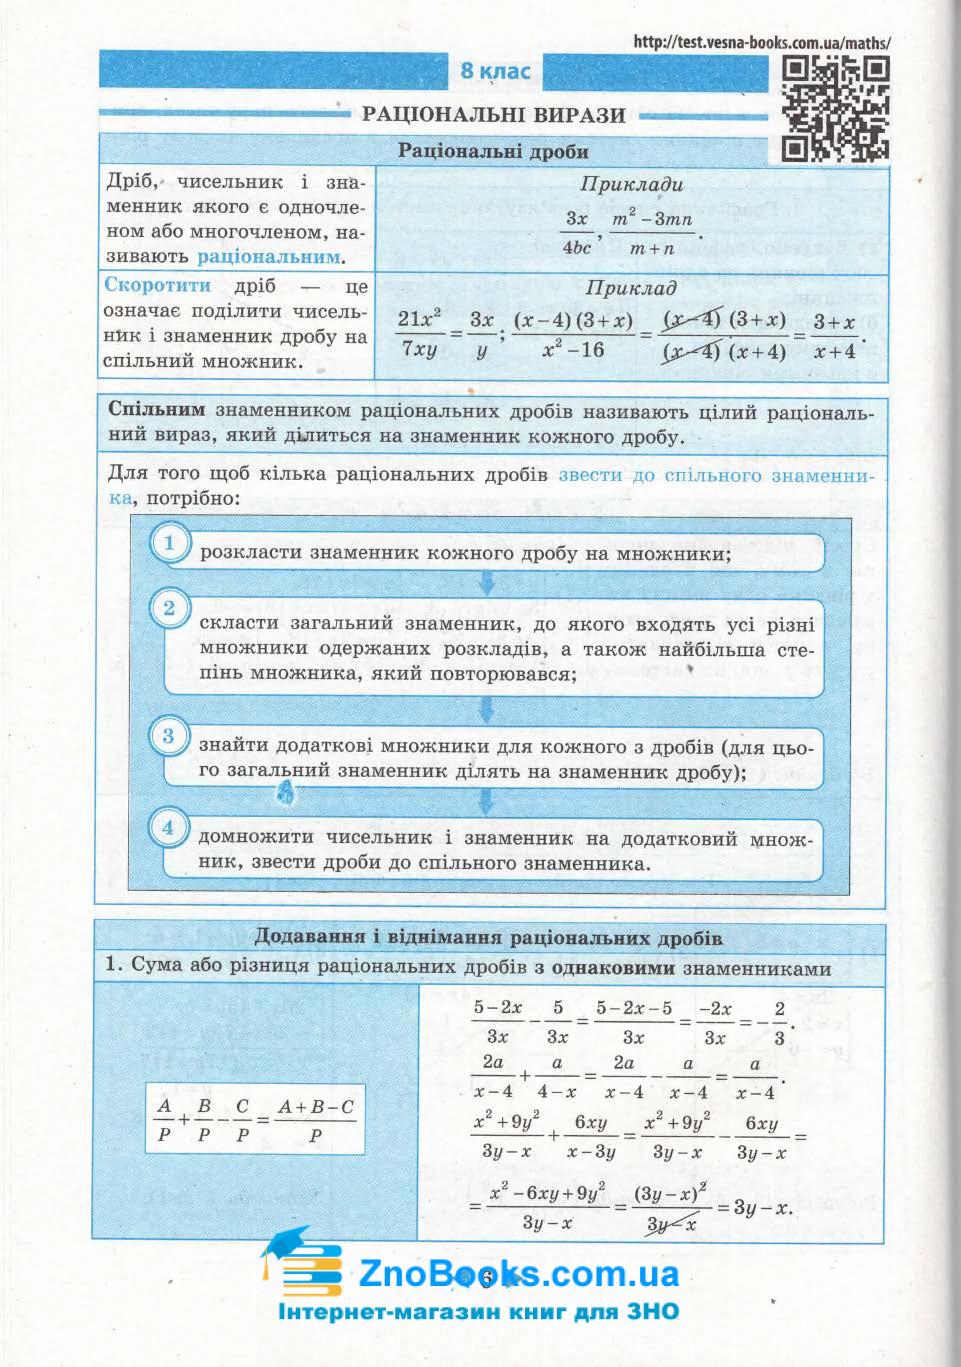 Довідник 7-11 клас з алгебри та геометрії. Підготовка до ЗНО та ДПА. Гальперіна А. Весна 7